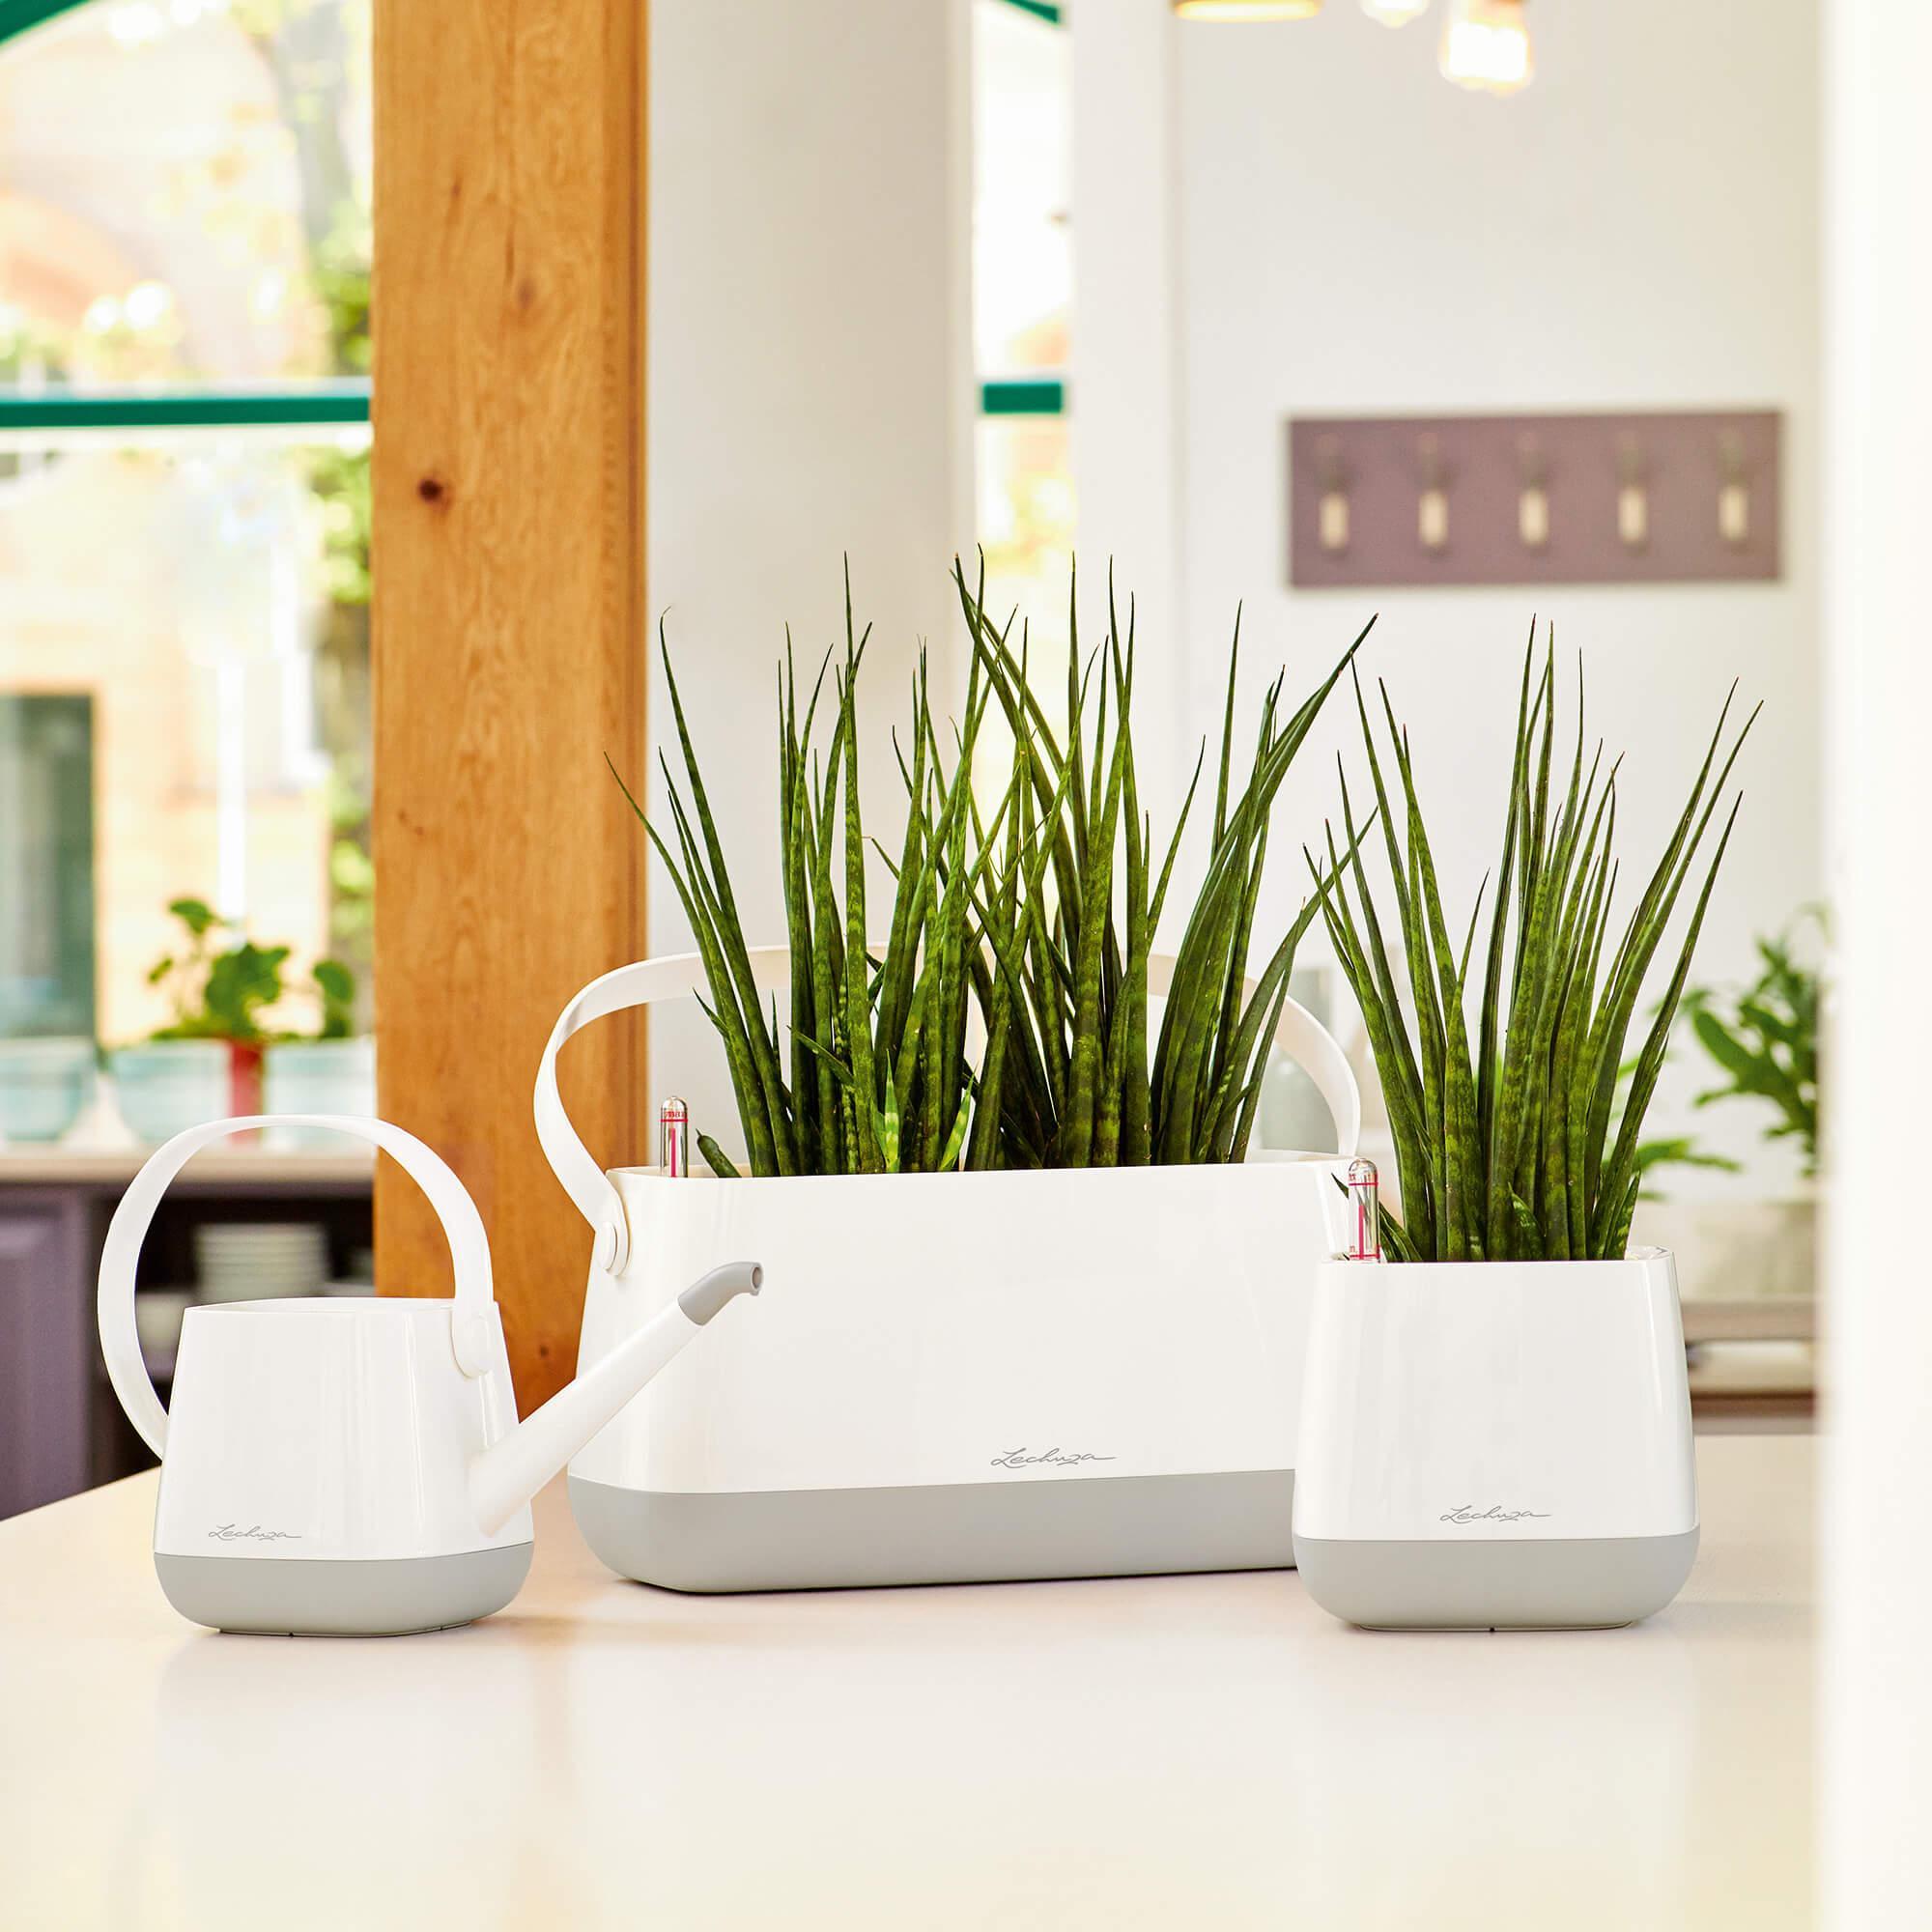 Корзинка для растений YULA белый/серый - изображение 7